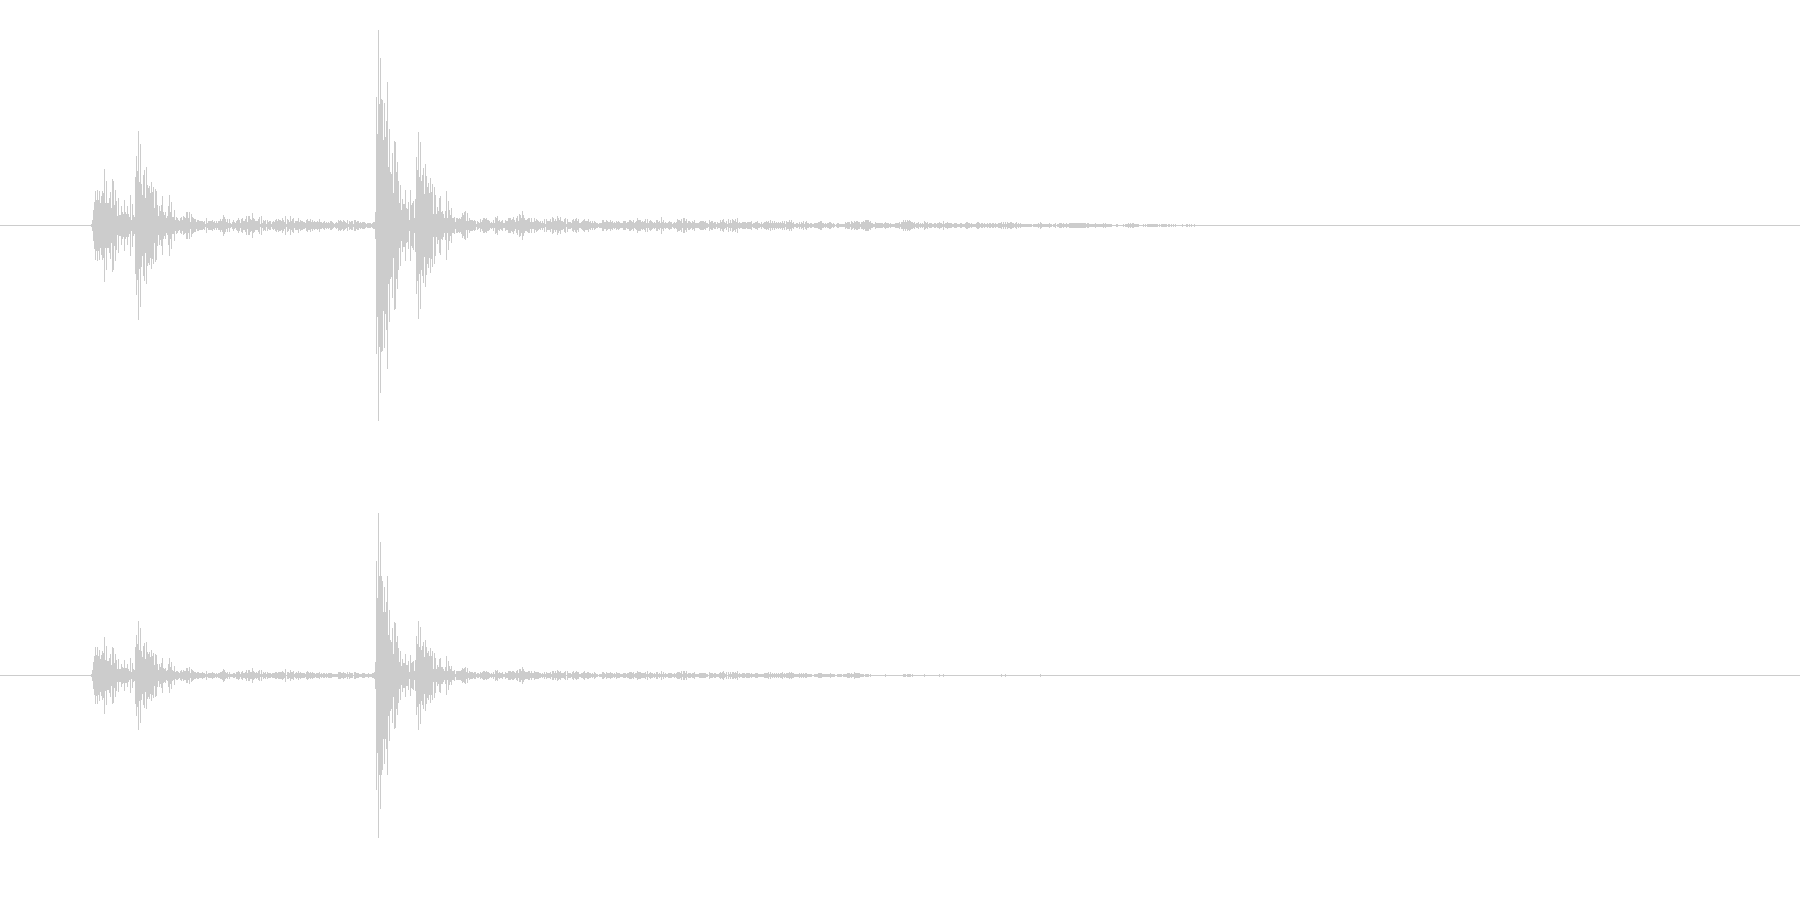 勢いがありクリアな効果音の未再生の波形